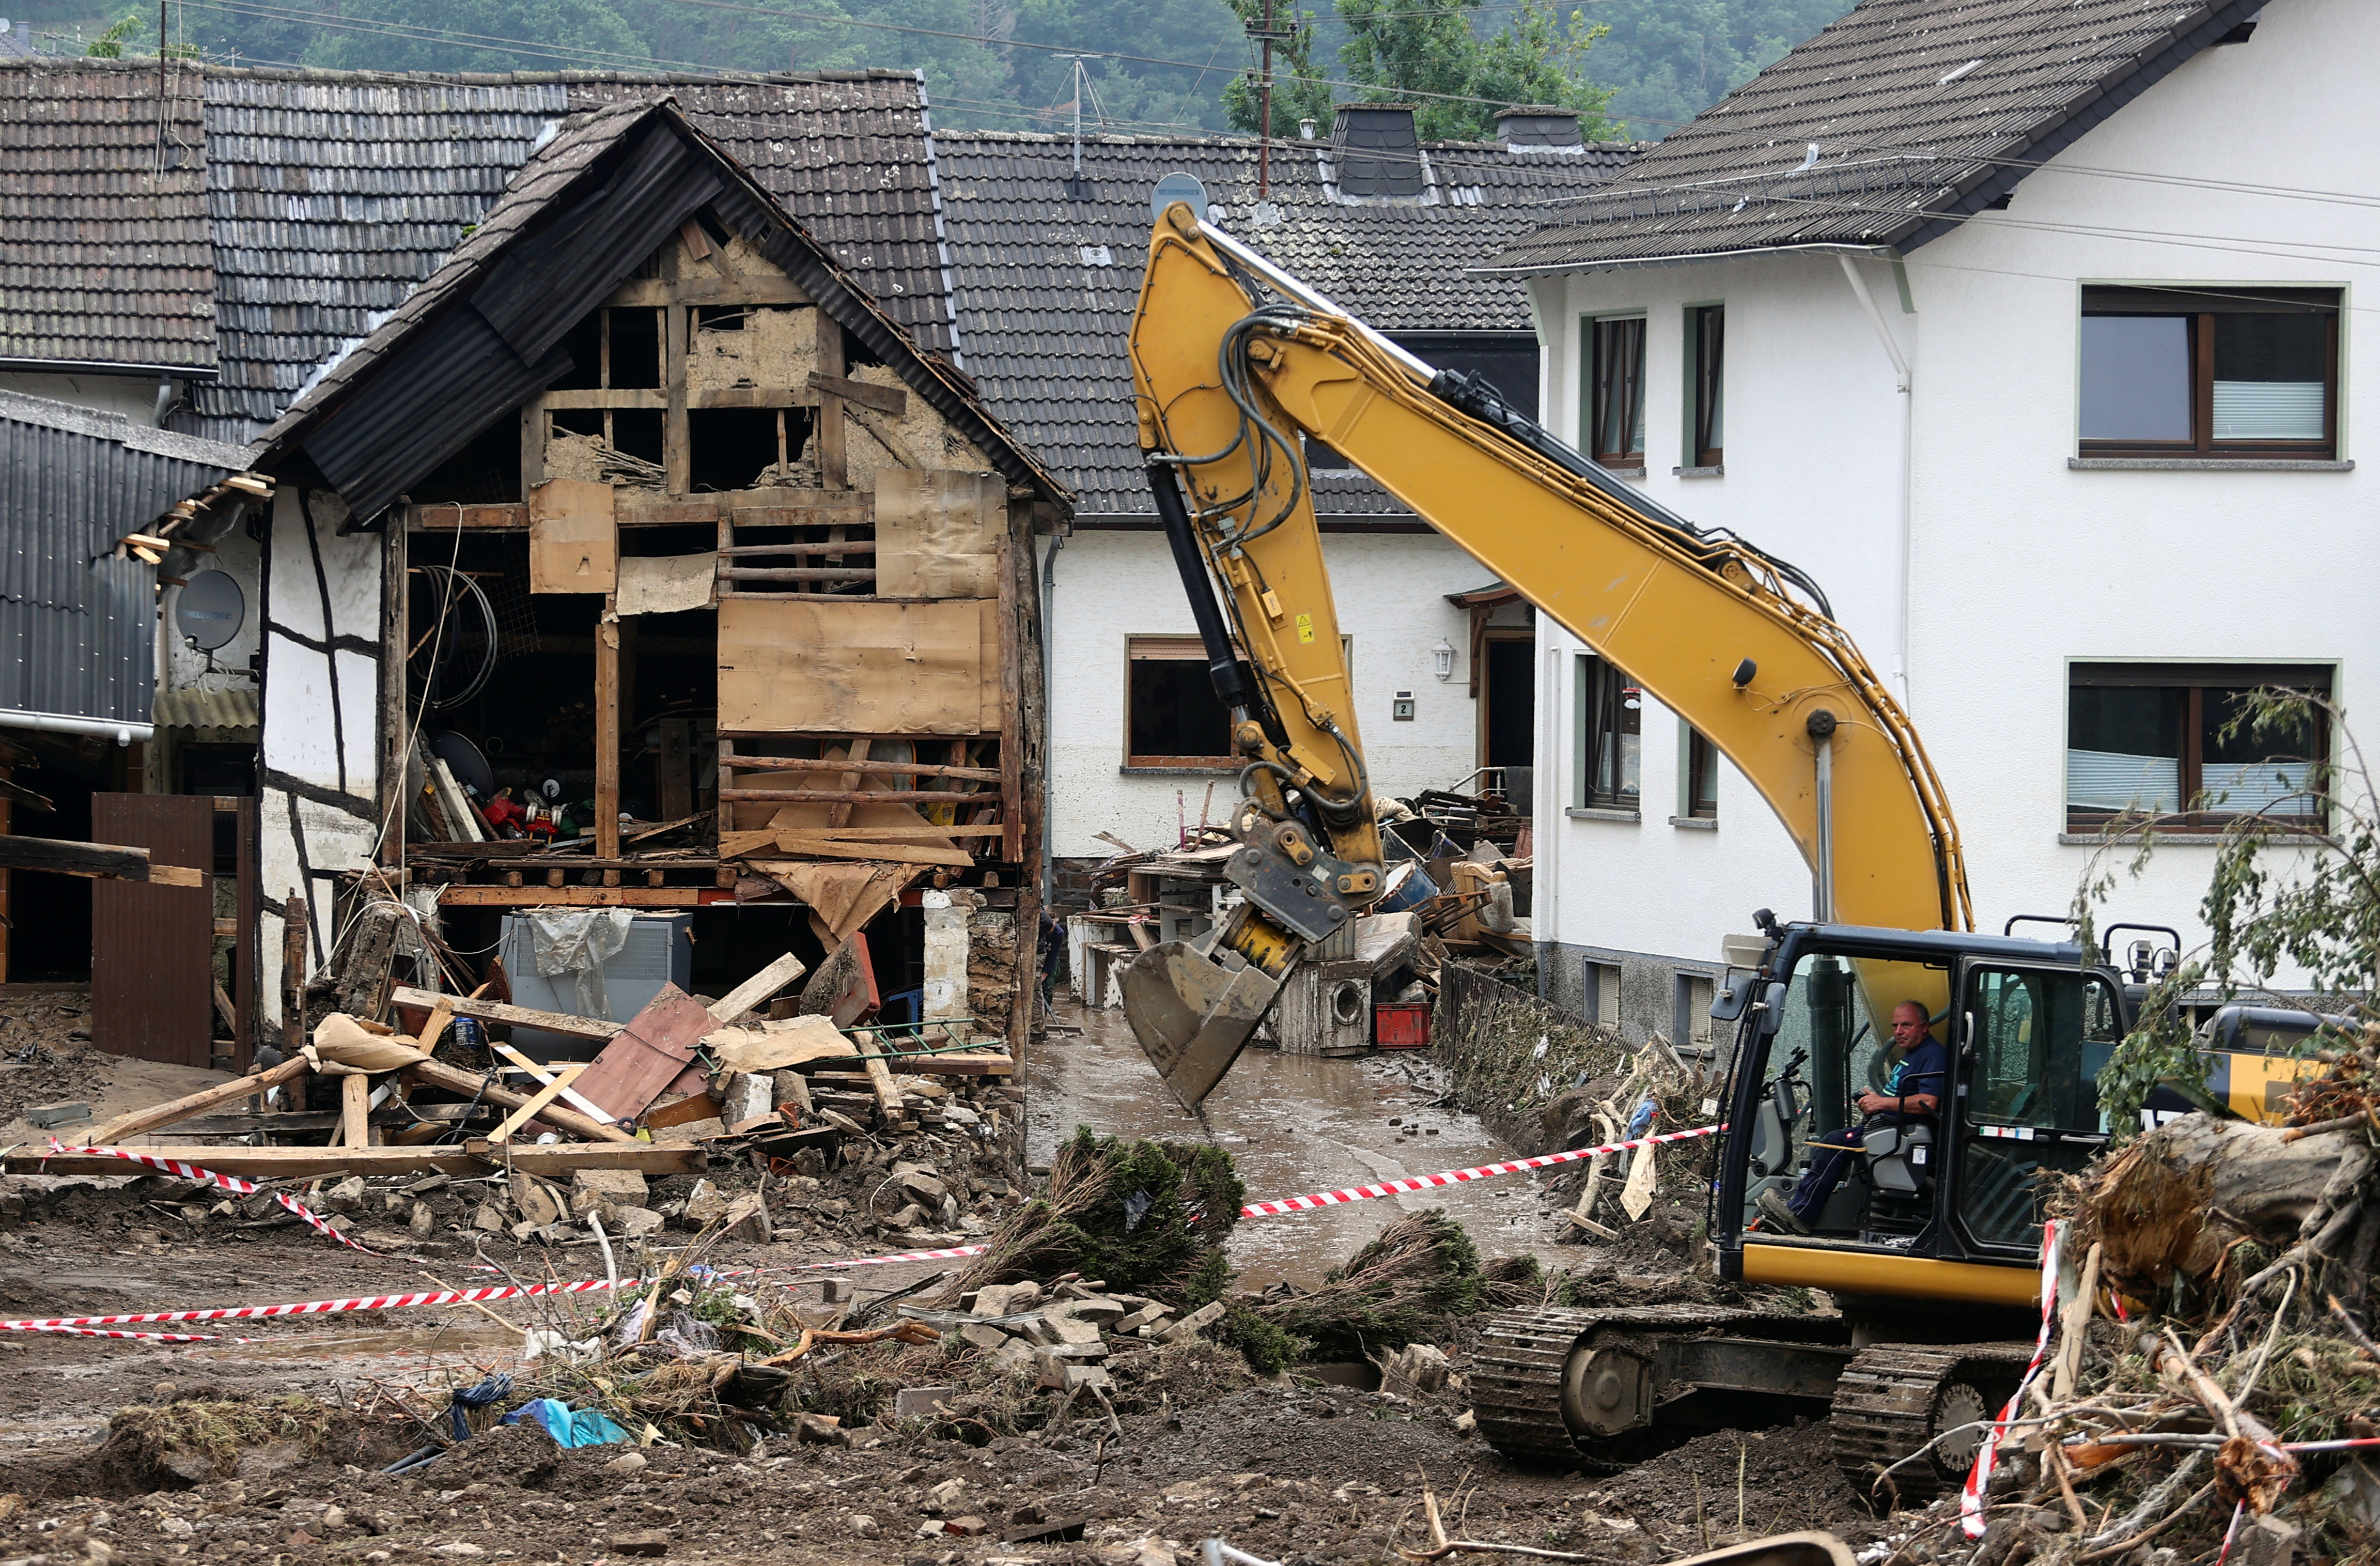 जर्मनी के शुल्ड गांव में बाढ़ से हुई तबाही के बाद जेसीबी से मलबा साफ करता कर्मचारी।